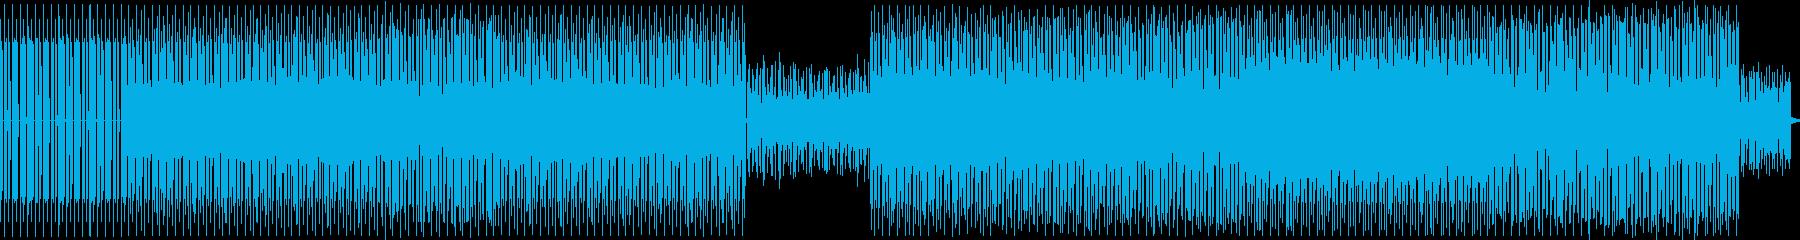 電子。デュオシンセベースとキックド...の再生済みの波形